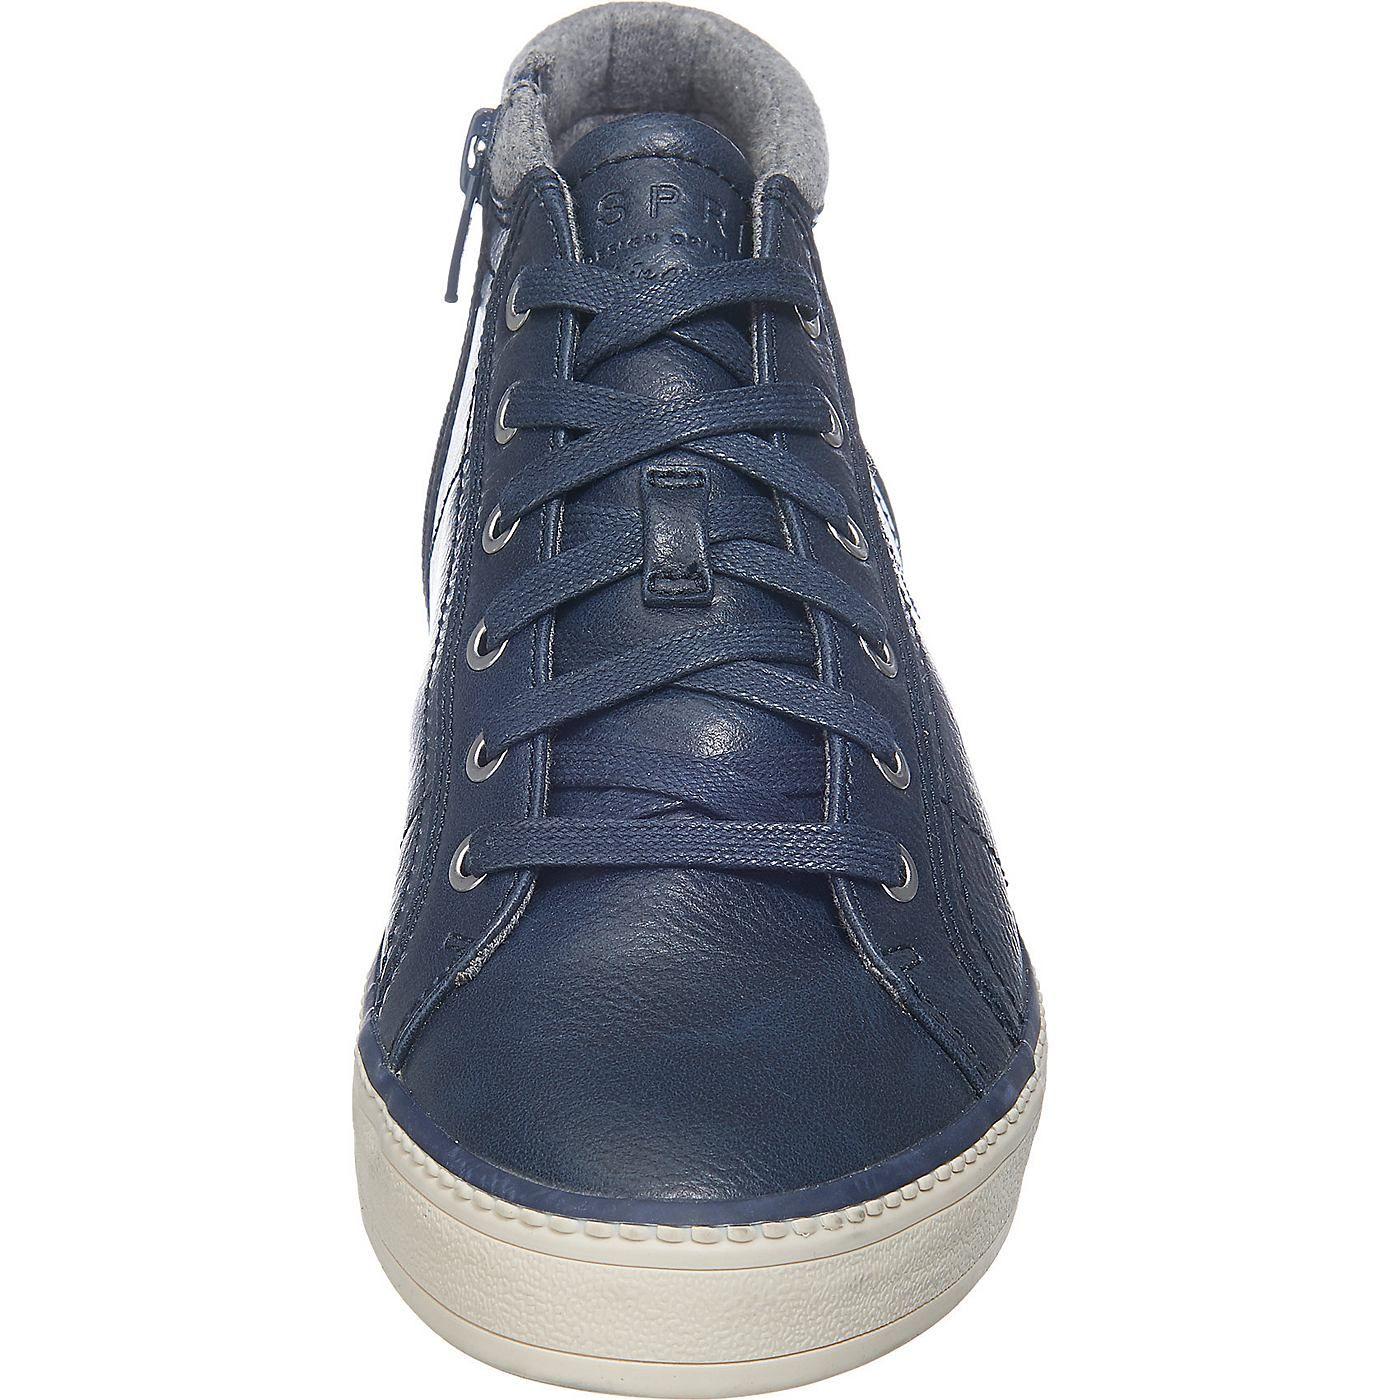 Die ESPRIT Alamak Sneakers besitzen eine Kunstleder-Oberfläche in genarbter Optik. Zusätzlich zur Schnürung bietet das Modell einen seitlichen Reißverschluss für einen leichten Einstieg an.    - Peta-zertifizierte, vegane Schuhe - Verschluss: Reißverschluss - weich gepolsterte Decksohle  - Futter aus hautfreundlichem Single Jersey  - dicke, flexible und rutschhemmende Gummilaufsohle   Obermater...